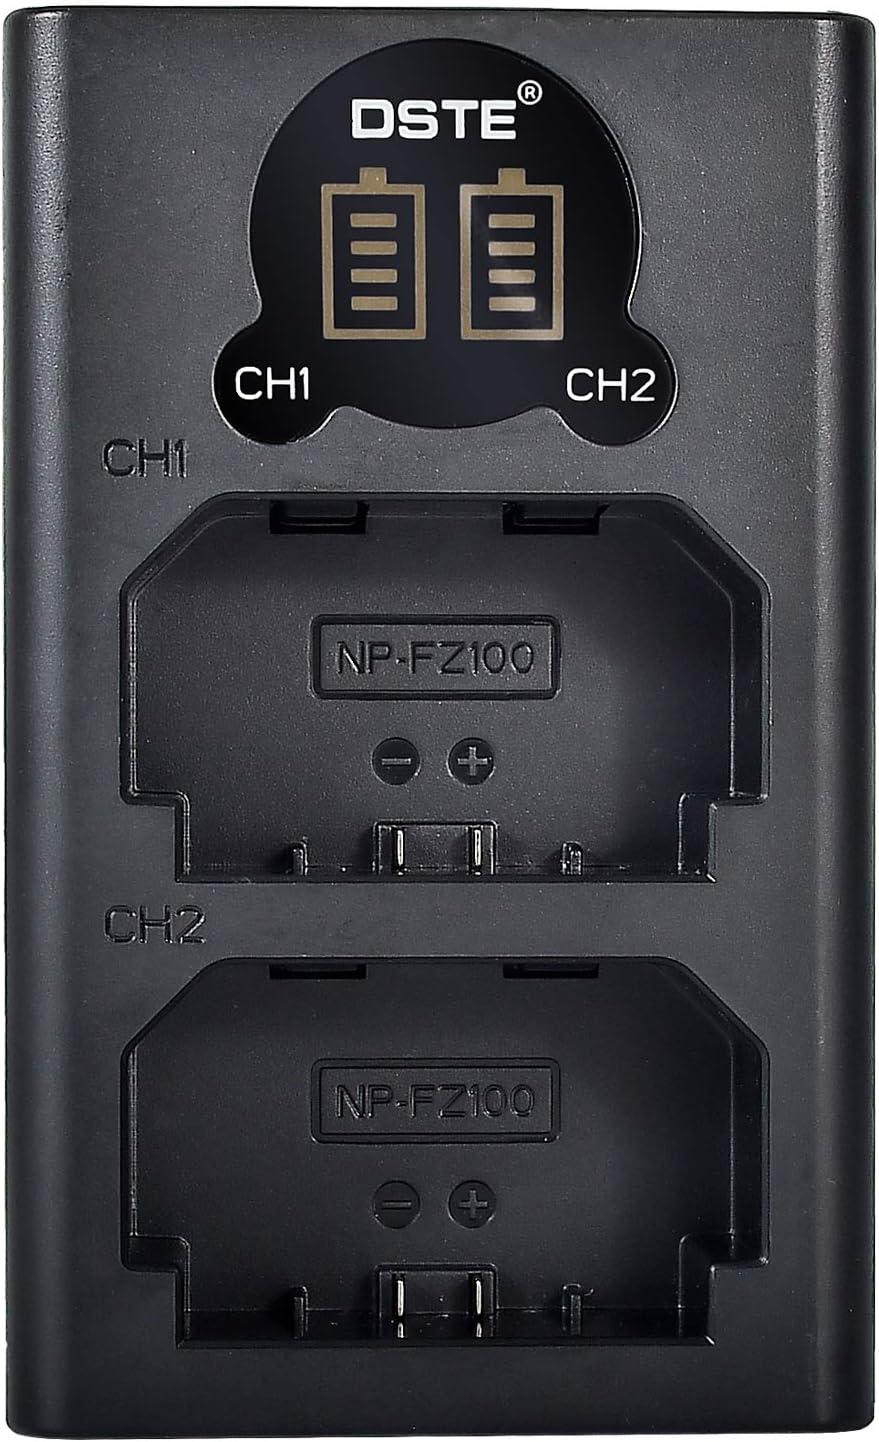 Alpha a9R /α7R III /α7R3 Alpha 9R Alpha 9S Digital Cam/éra Alpha 9 DSTE Double Chargeur USB avec /écran LCD pour NP-FZ100 FZ100 et Sony A7R3 Alpha a9S A7R III